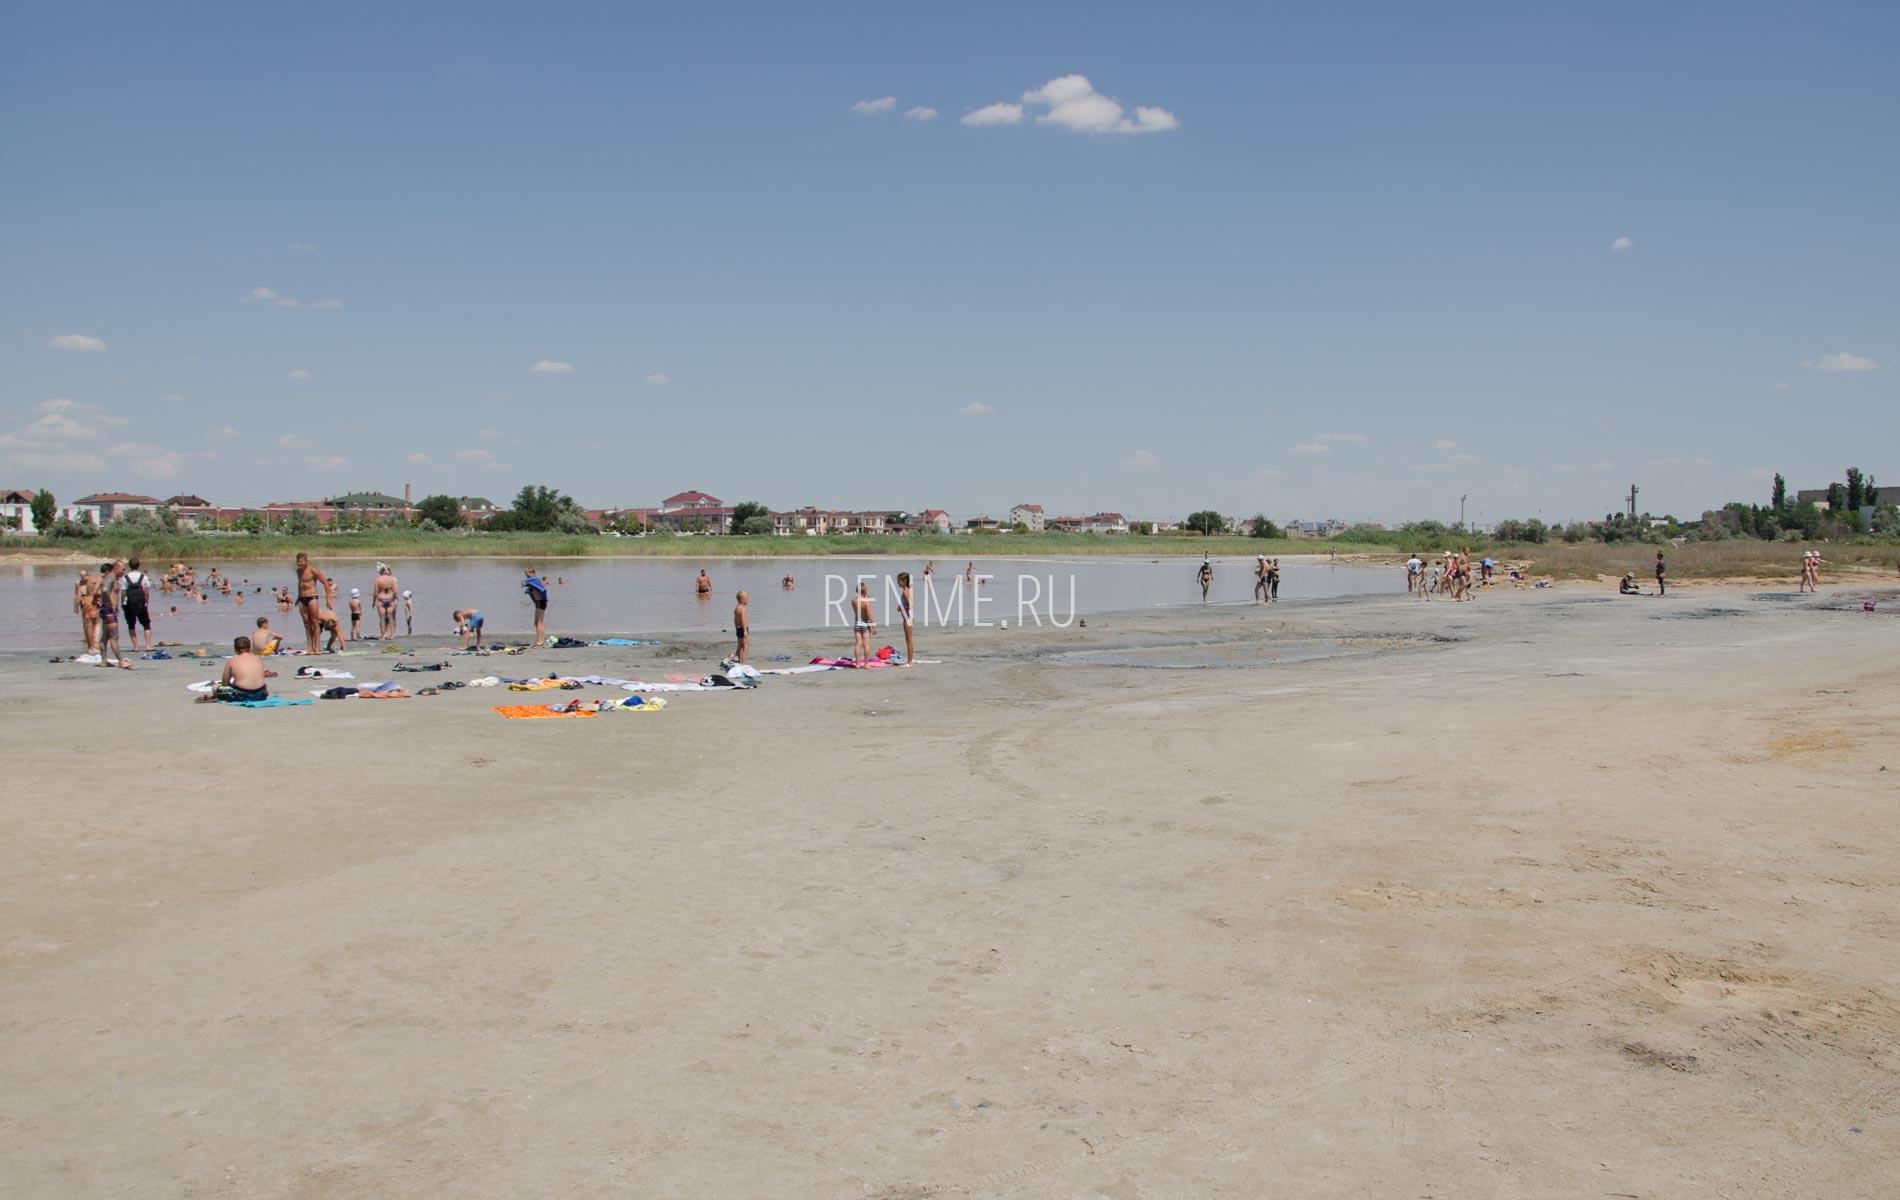 Соленое озеро рядом с пляжем в Крыму. Фото Заозёрного